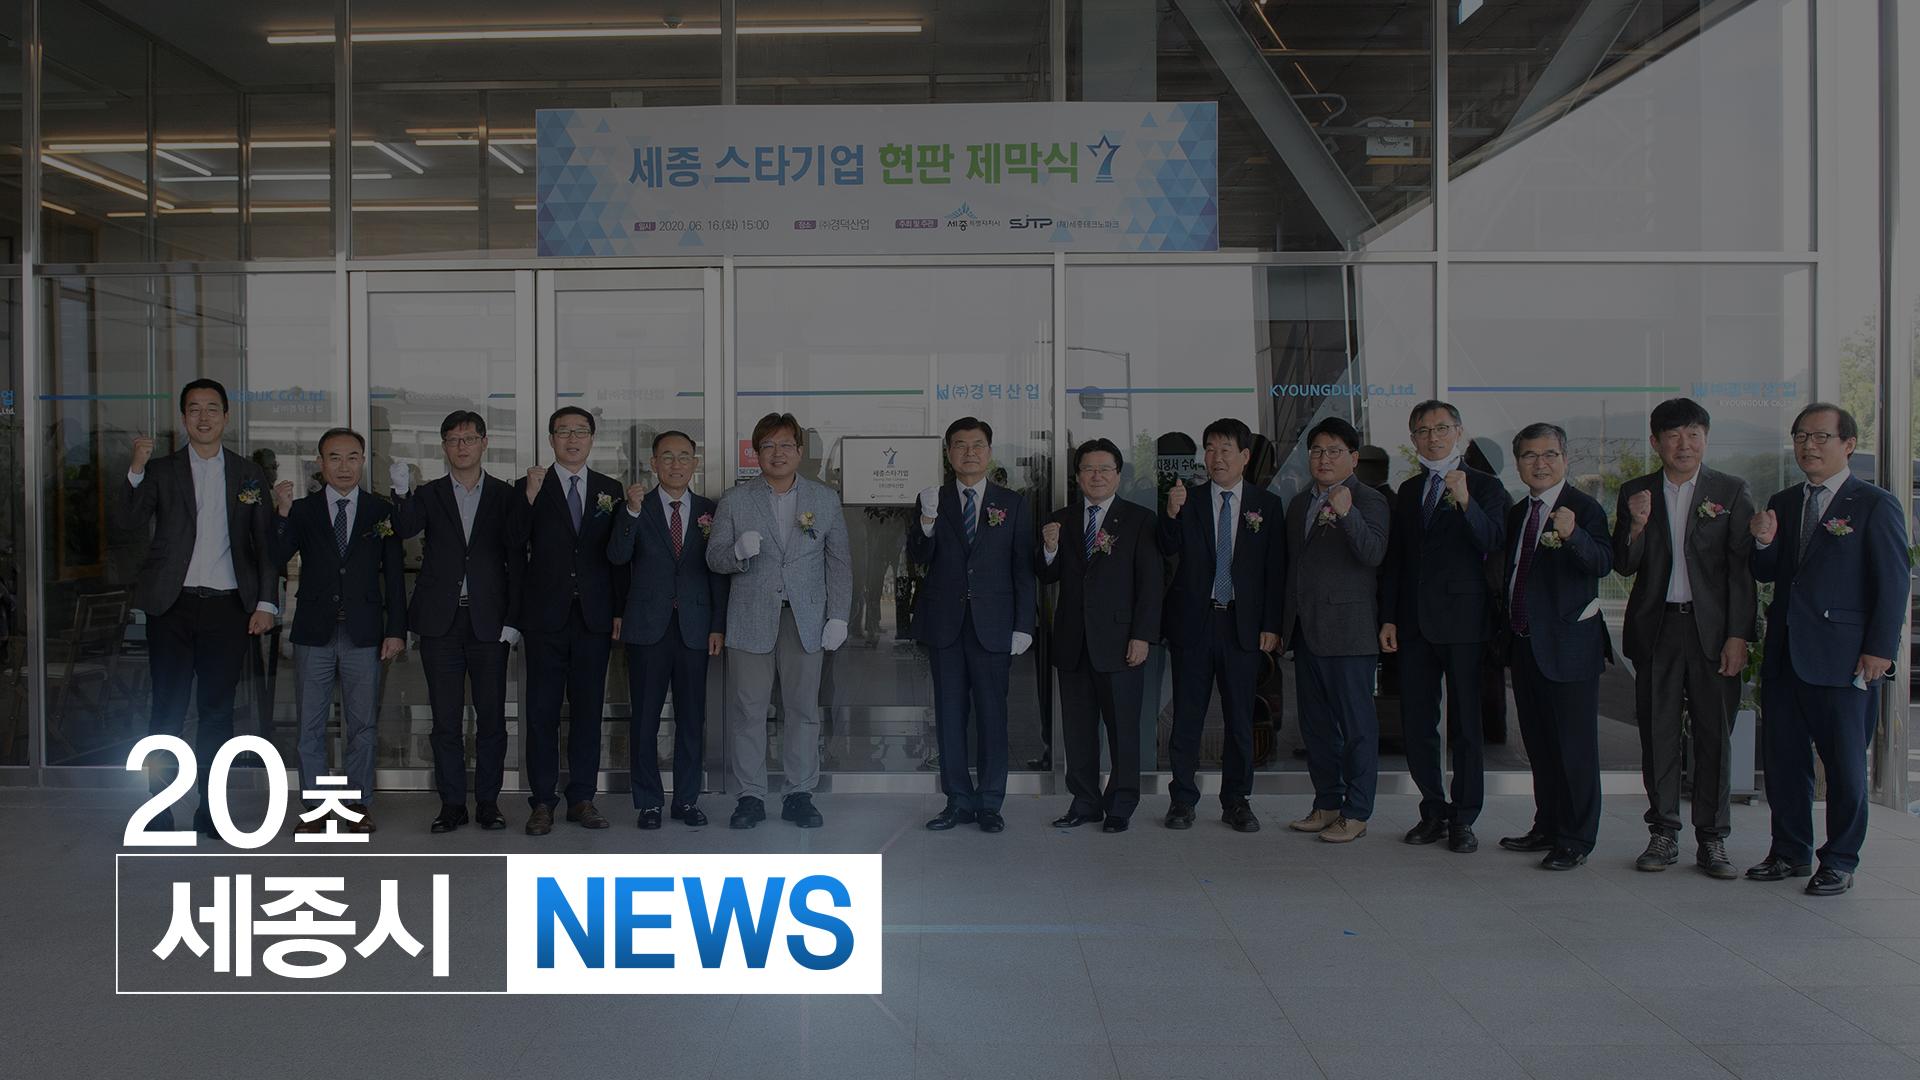 <20초뉴스>  2020년 세종 스타기업 지정서 수여 및 제막식 행사 개최